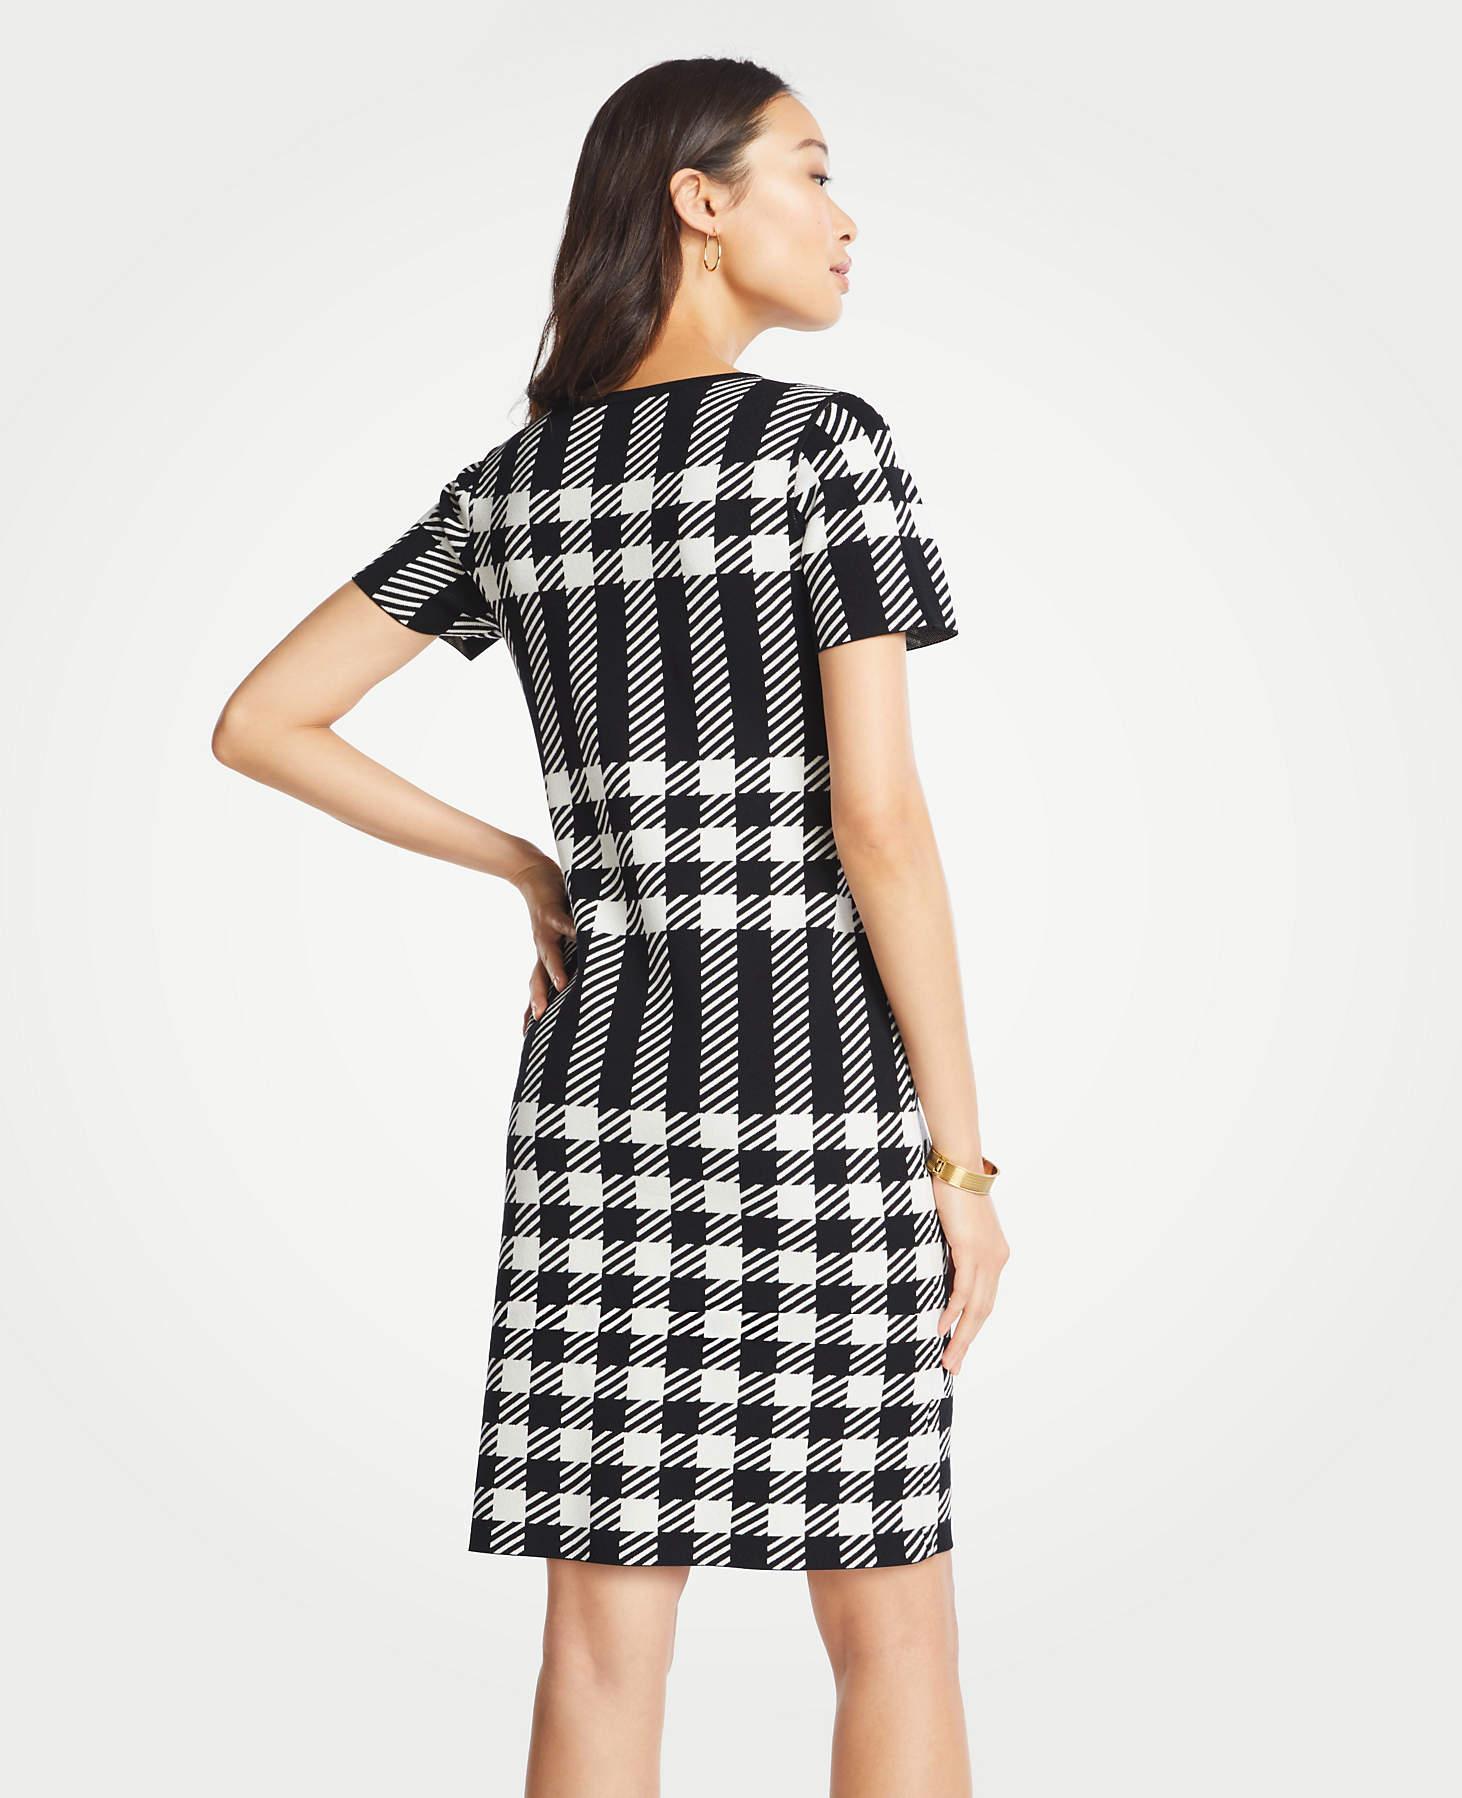 2f5b13e8fd2 Lyst - Ann Taylor Tall Gingham Sweater Dress in Black